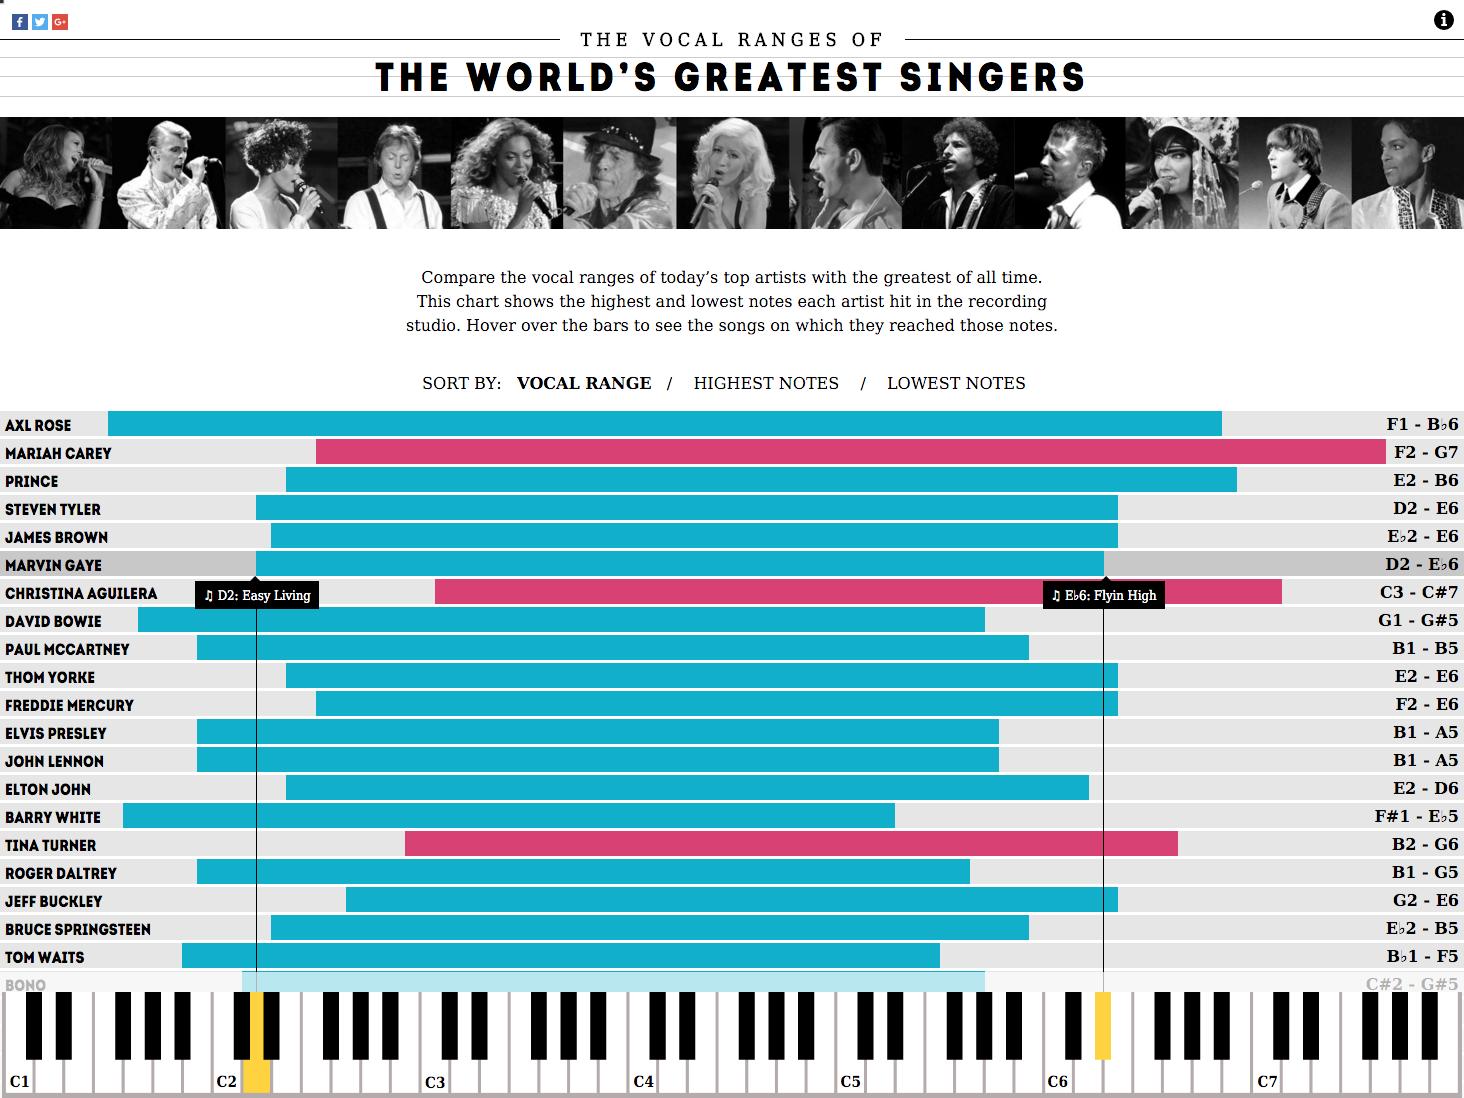 Concert Hotels Vocal Ranges 4.png